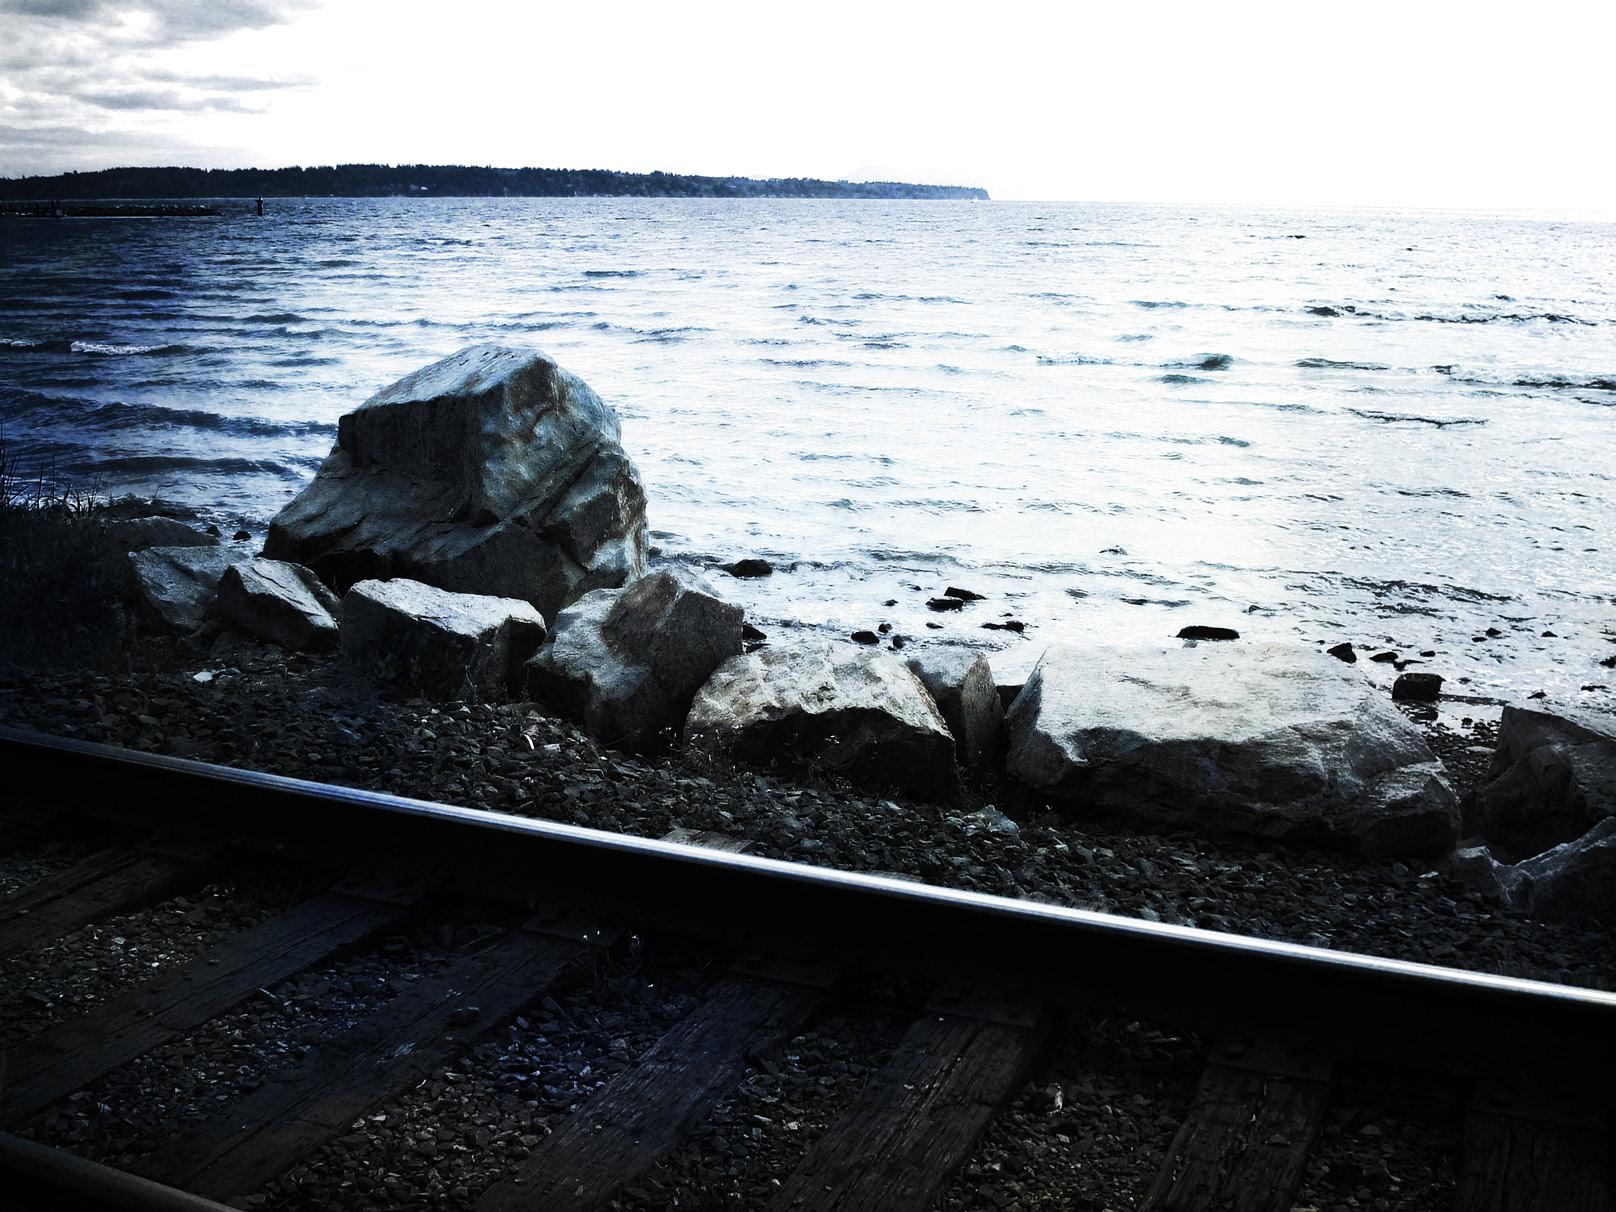 railway by the ocean